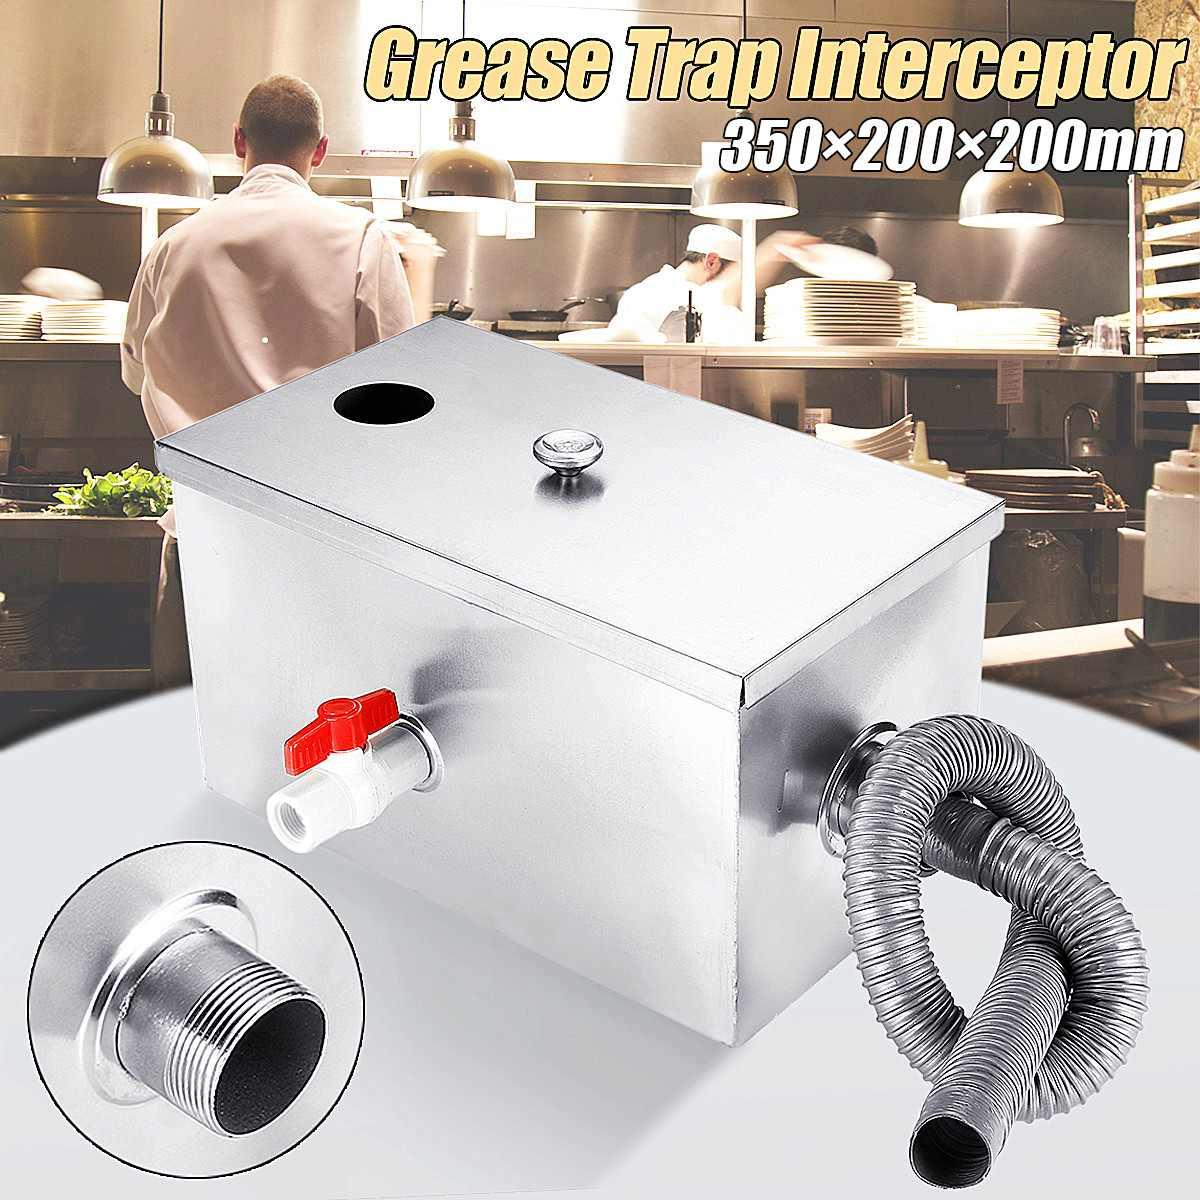 Séparateur d'eau d'huile d'intercepteur de piège à graisse de l'acier inoxydable 8LB de 350*200*200mm pour des outils de traitement des eaux usées de cuisine de Restaurant